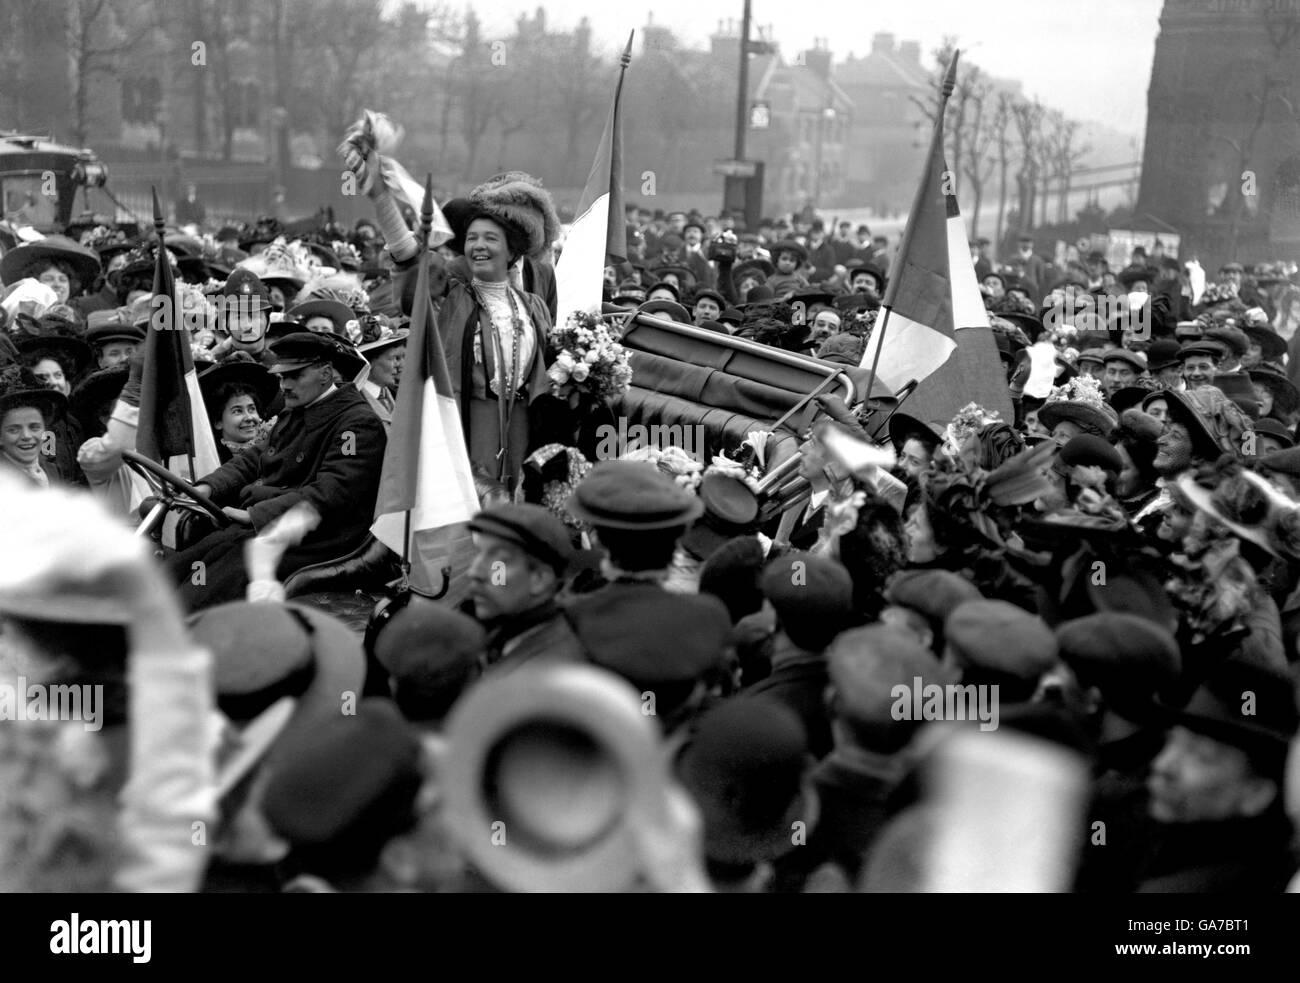 La politique britannique - Les suffragettes - Londres - 1909 Banque D'Images